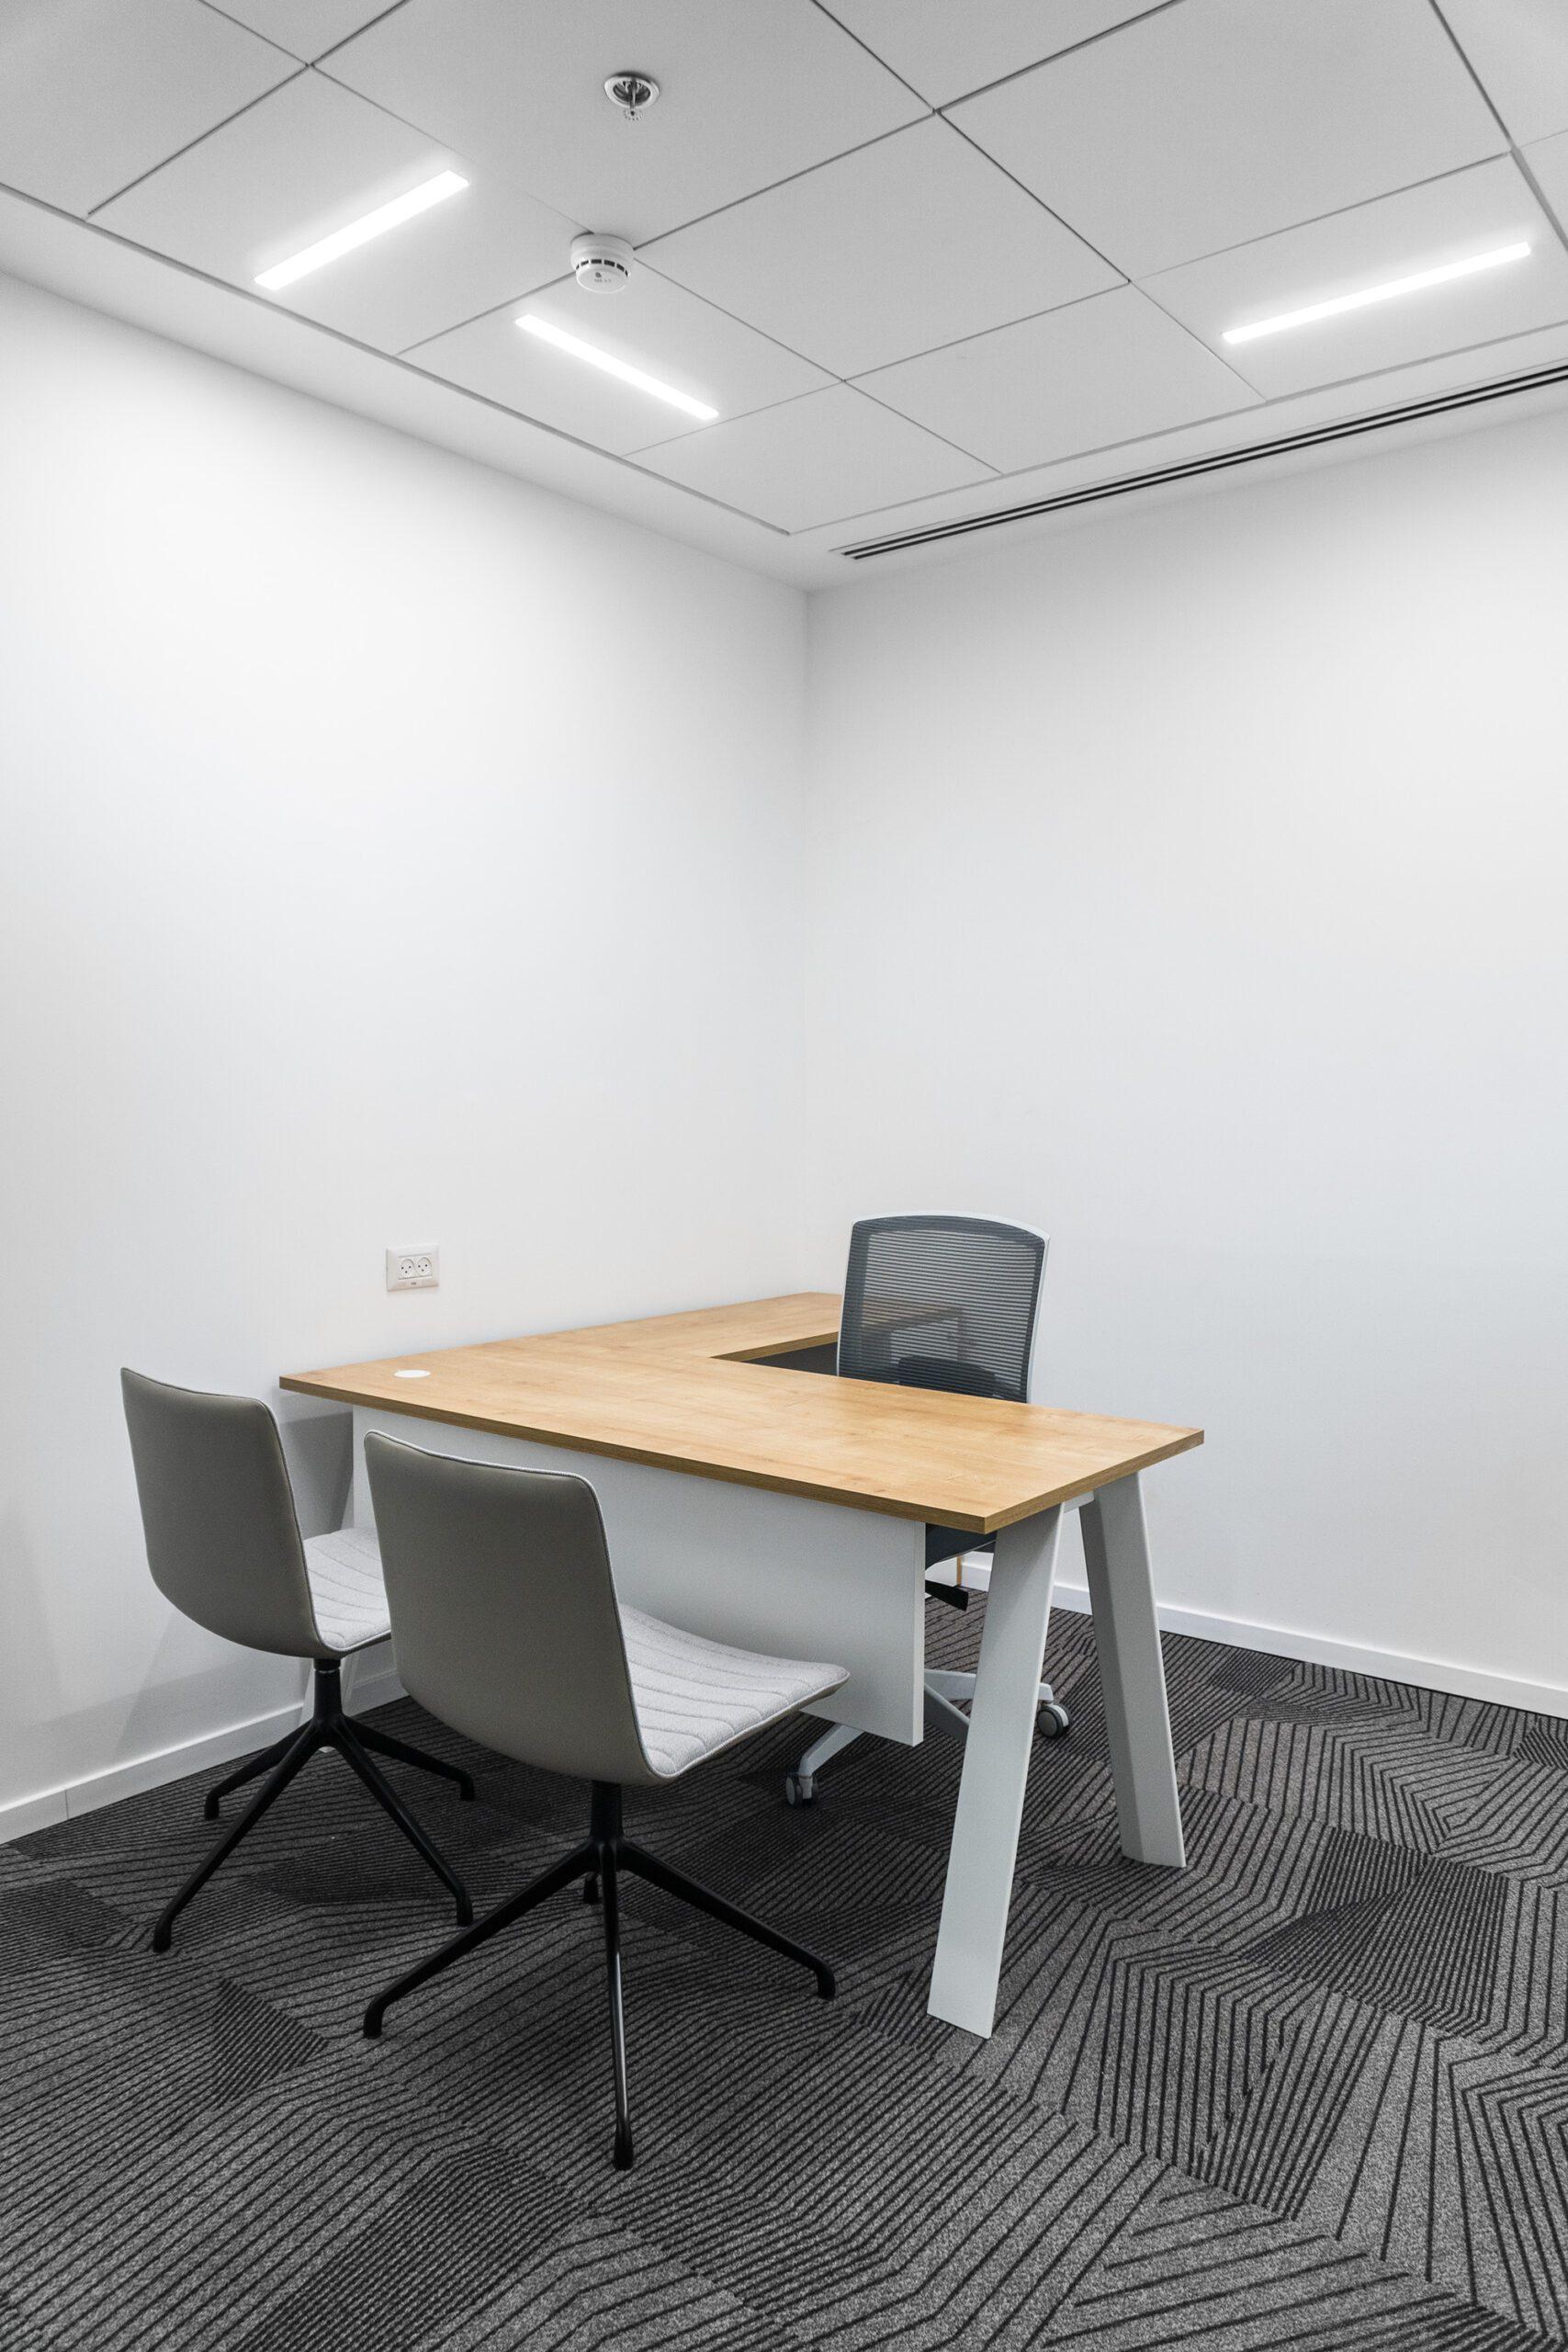 כסא BROKER GREY, שולחן מנהל דגם ECO, כסאות אורח SOHO